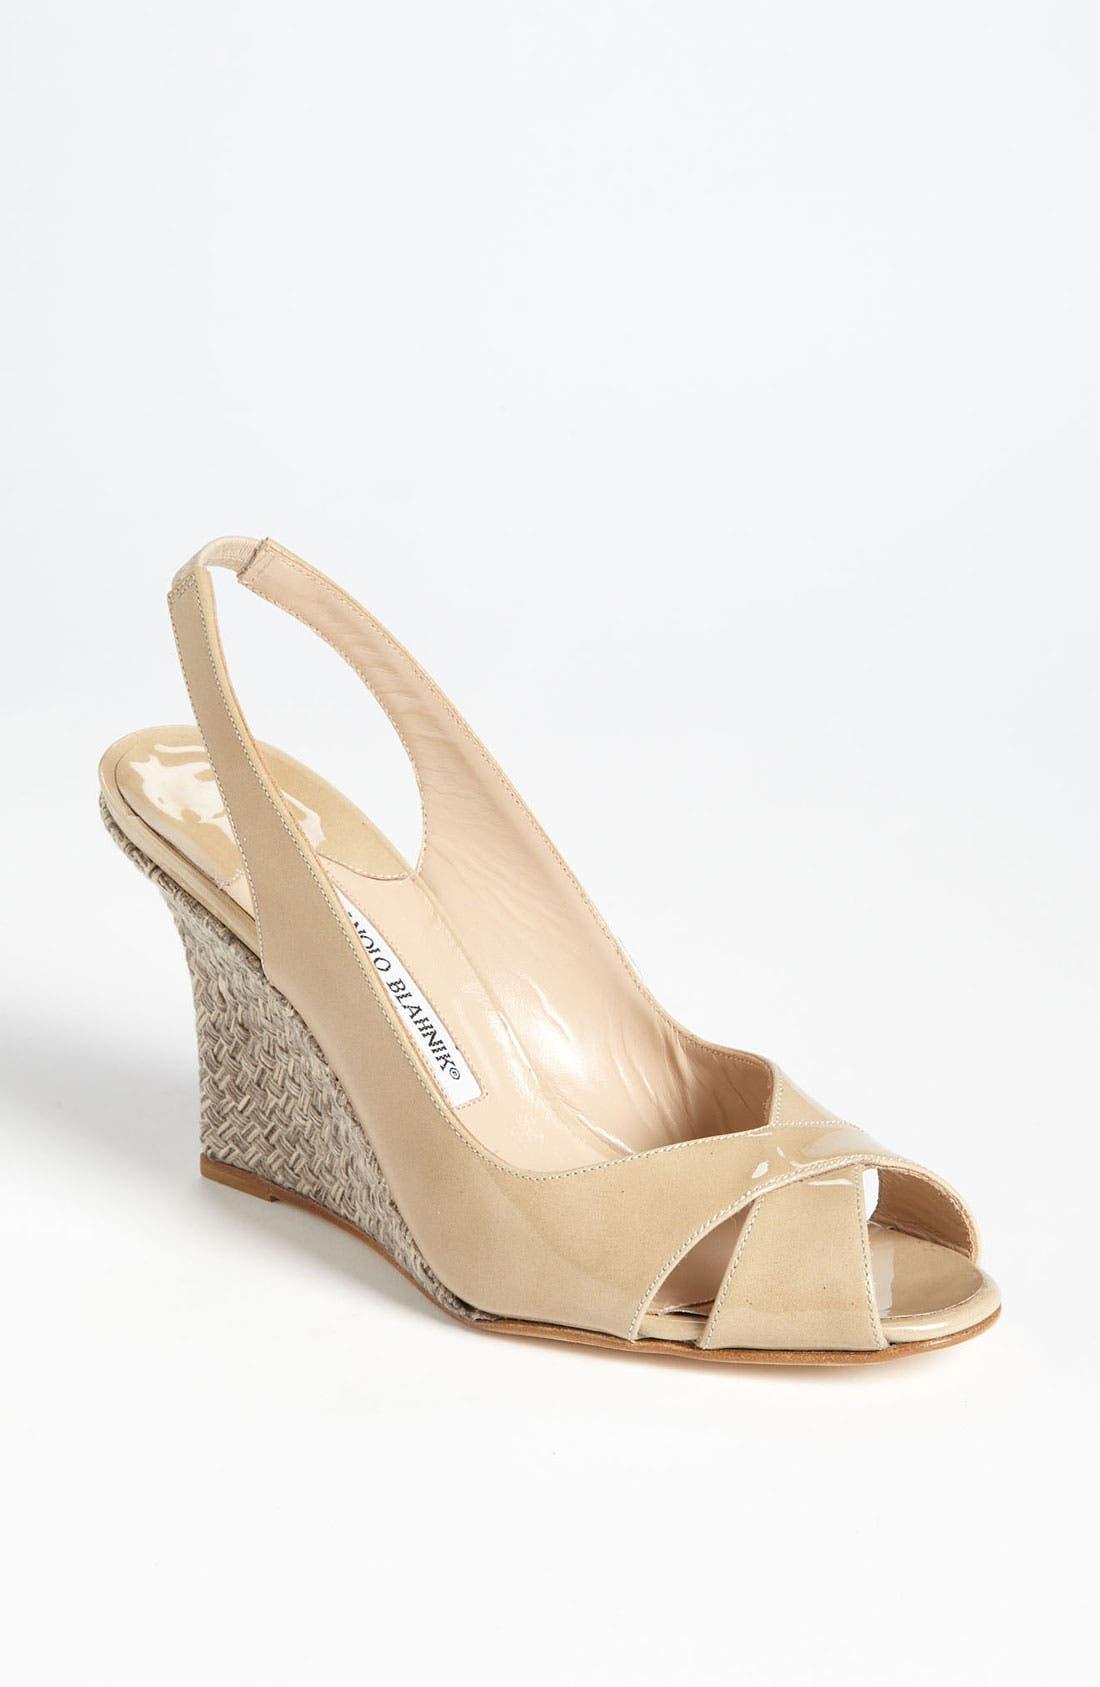 Main Image - Manolo Blahnik 'Shala' Wedge Sandal